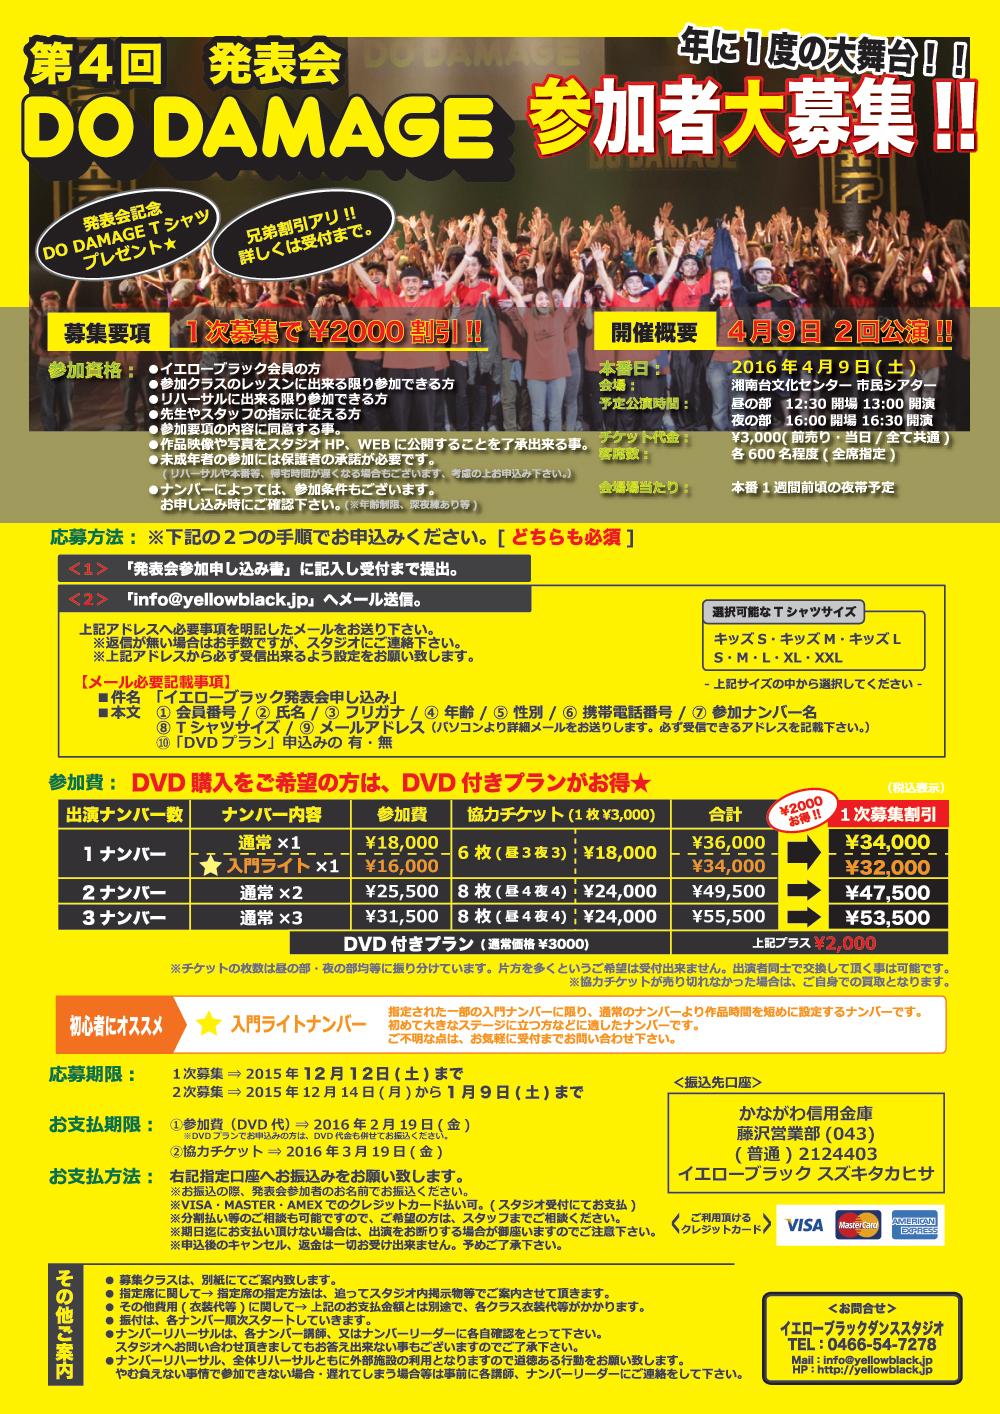 2016_dd_bosyu.jpg